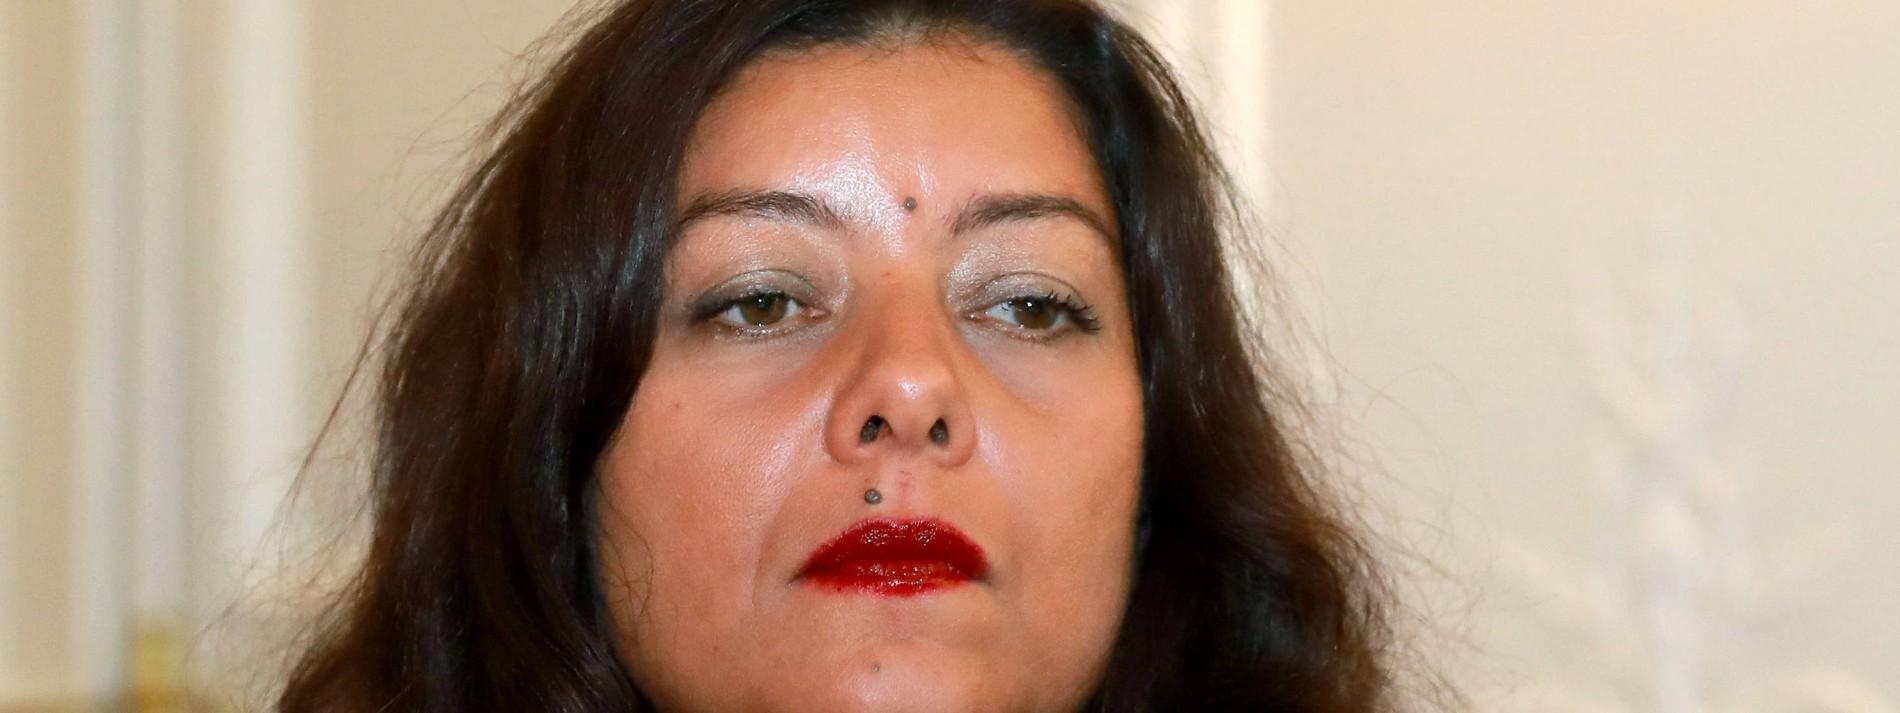 Pariser Berufungsgericht spricht Aktivistin frei